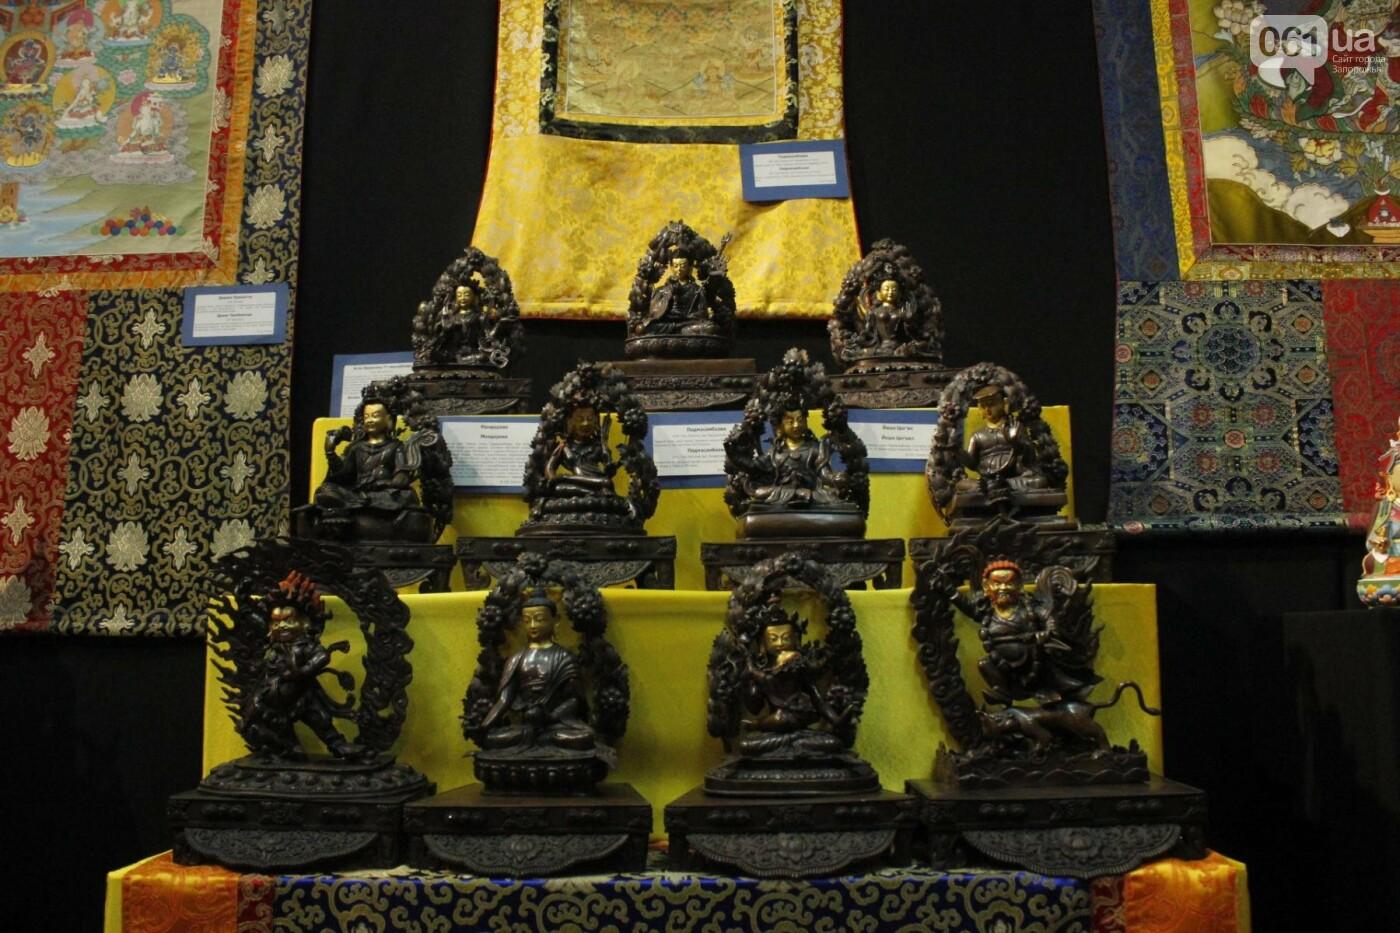 """В Запорожье выставка """"Сокровища Тибета"""" открыла Дни буддийской культуры, - ФОТОРЕПОРТАЖ, фото-38"""